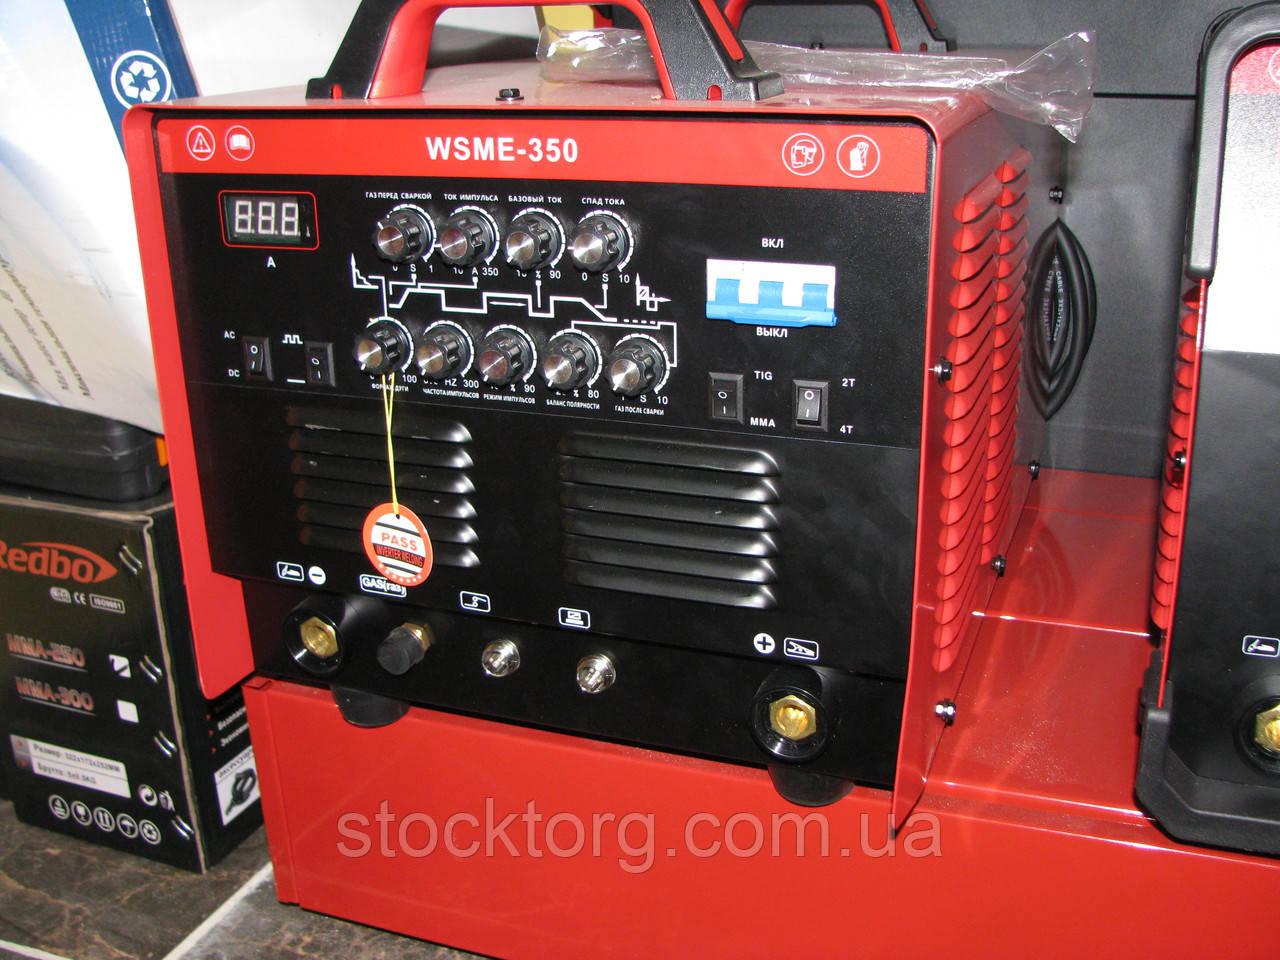 Сварочный инвертор Redbo Intec WSME-350 Pulse (AC/DC TIG/MMA)